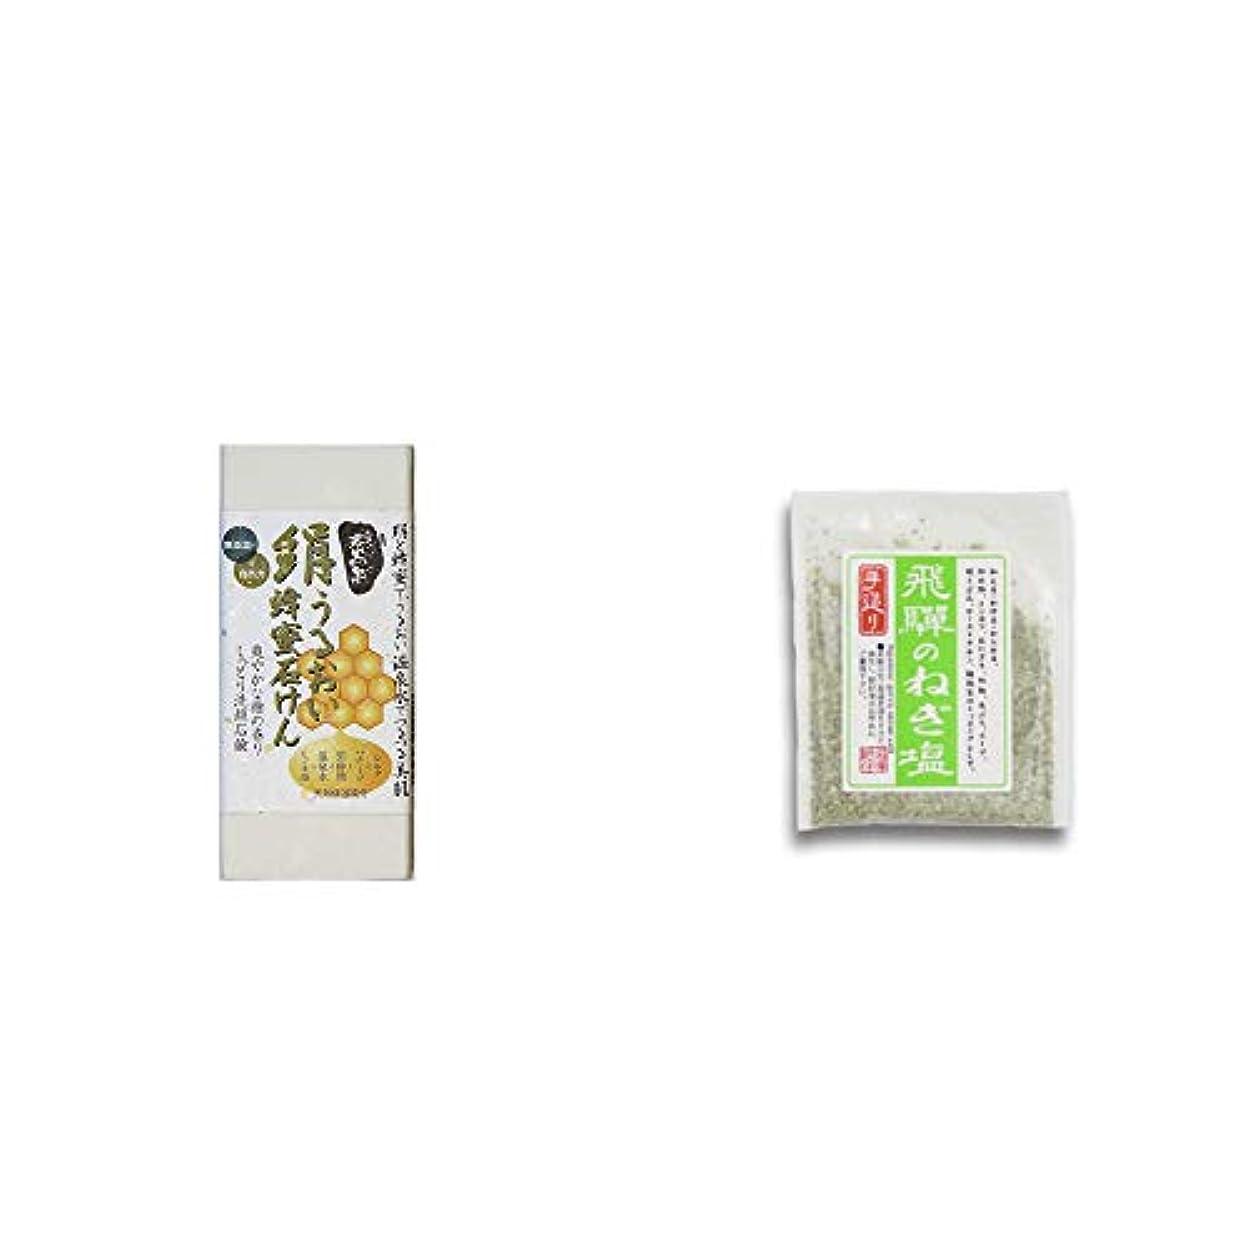 毎月契約フェリー[2点セット] ひのき炭黒泉 絹うるおい蜂蜜石けん(75g×2)?手造り 飛騨のねぎ塩(40g)